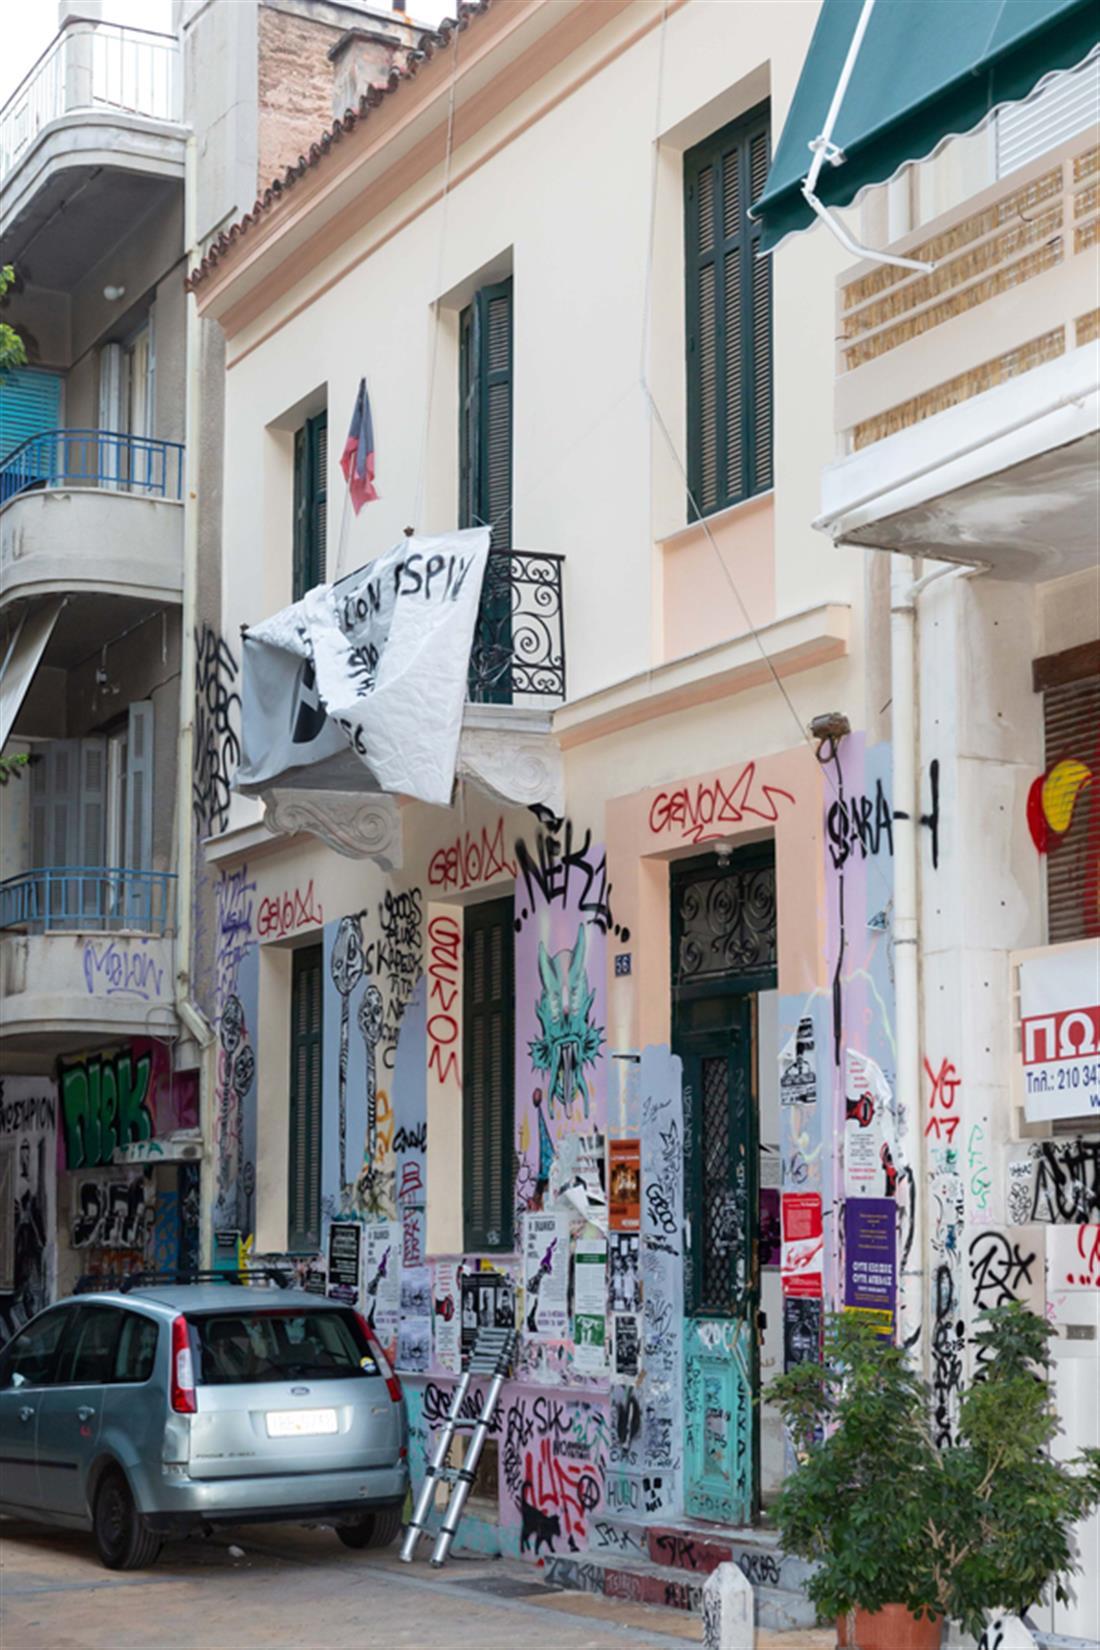 αστυνομική επιχείρηση -  κτήρια - οδός Δερβενίων - Εξάρχεια